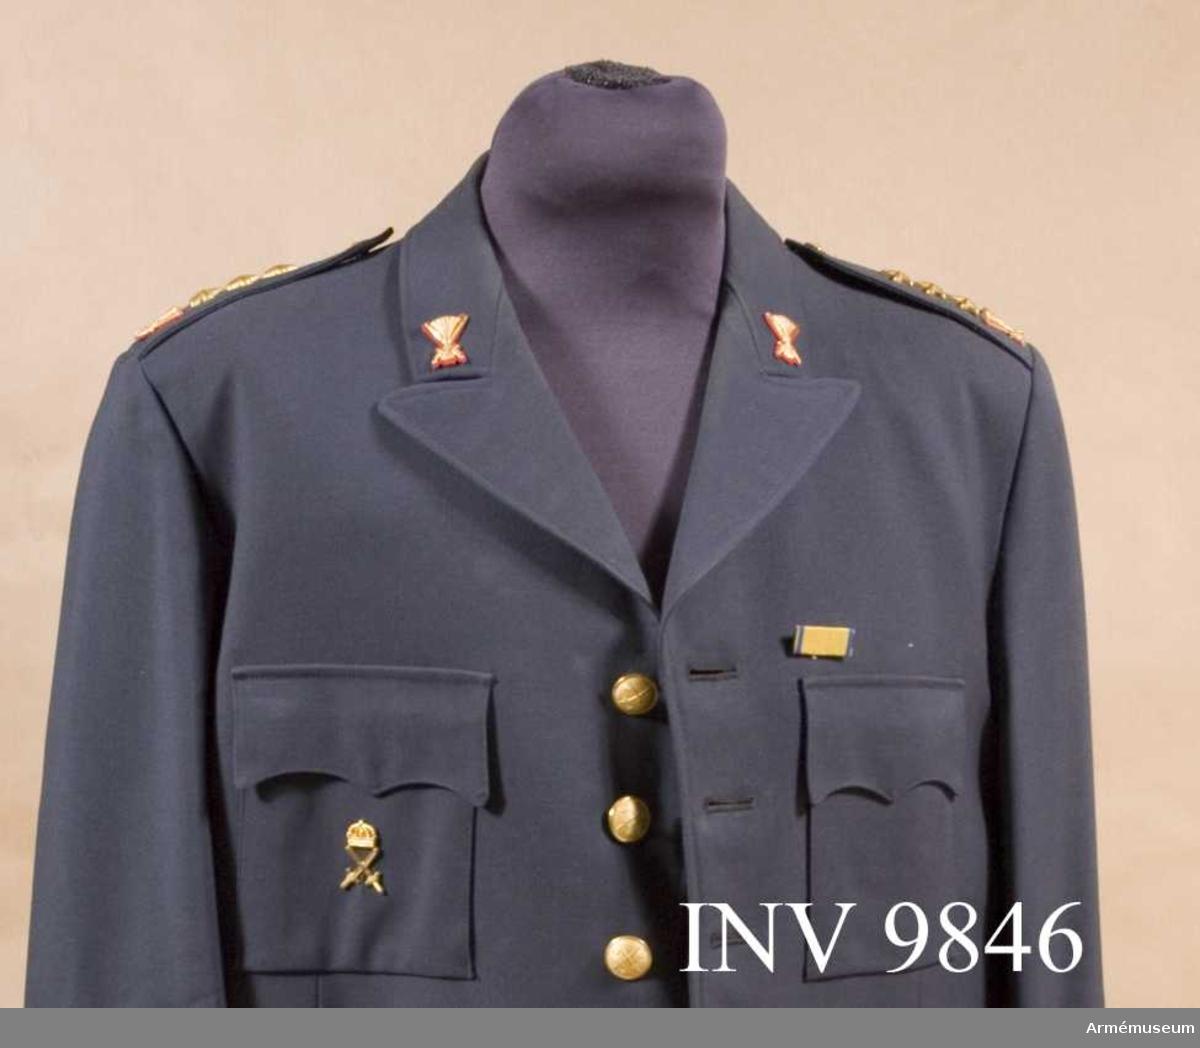 Av gult silke i rips med kanter i blått silke. På baksidan ett spänne. Sitter till vänster på bröstet av uniformen.